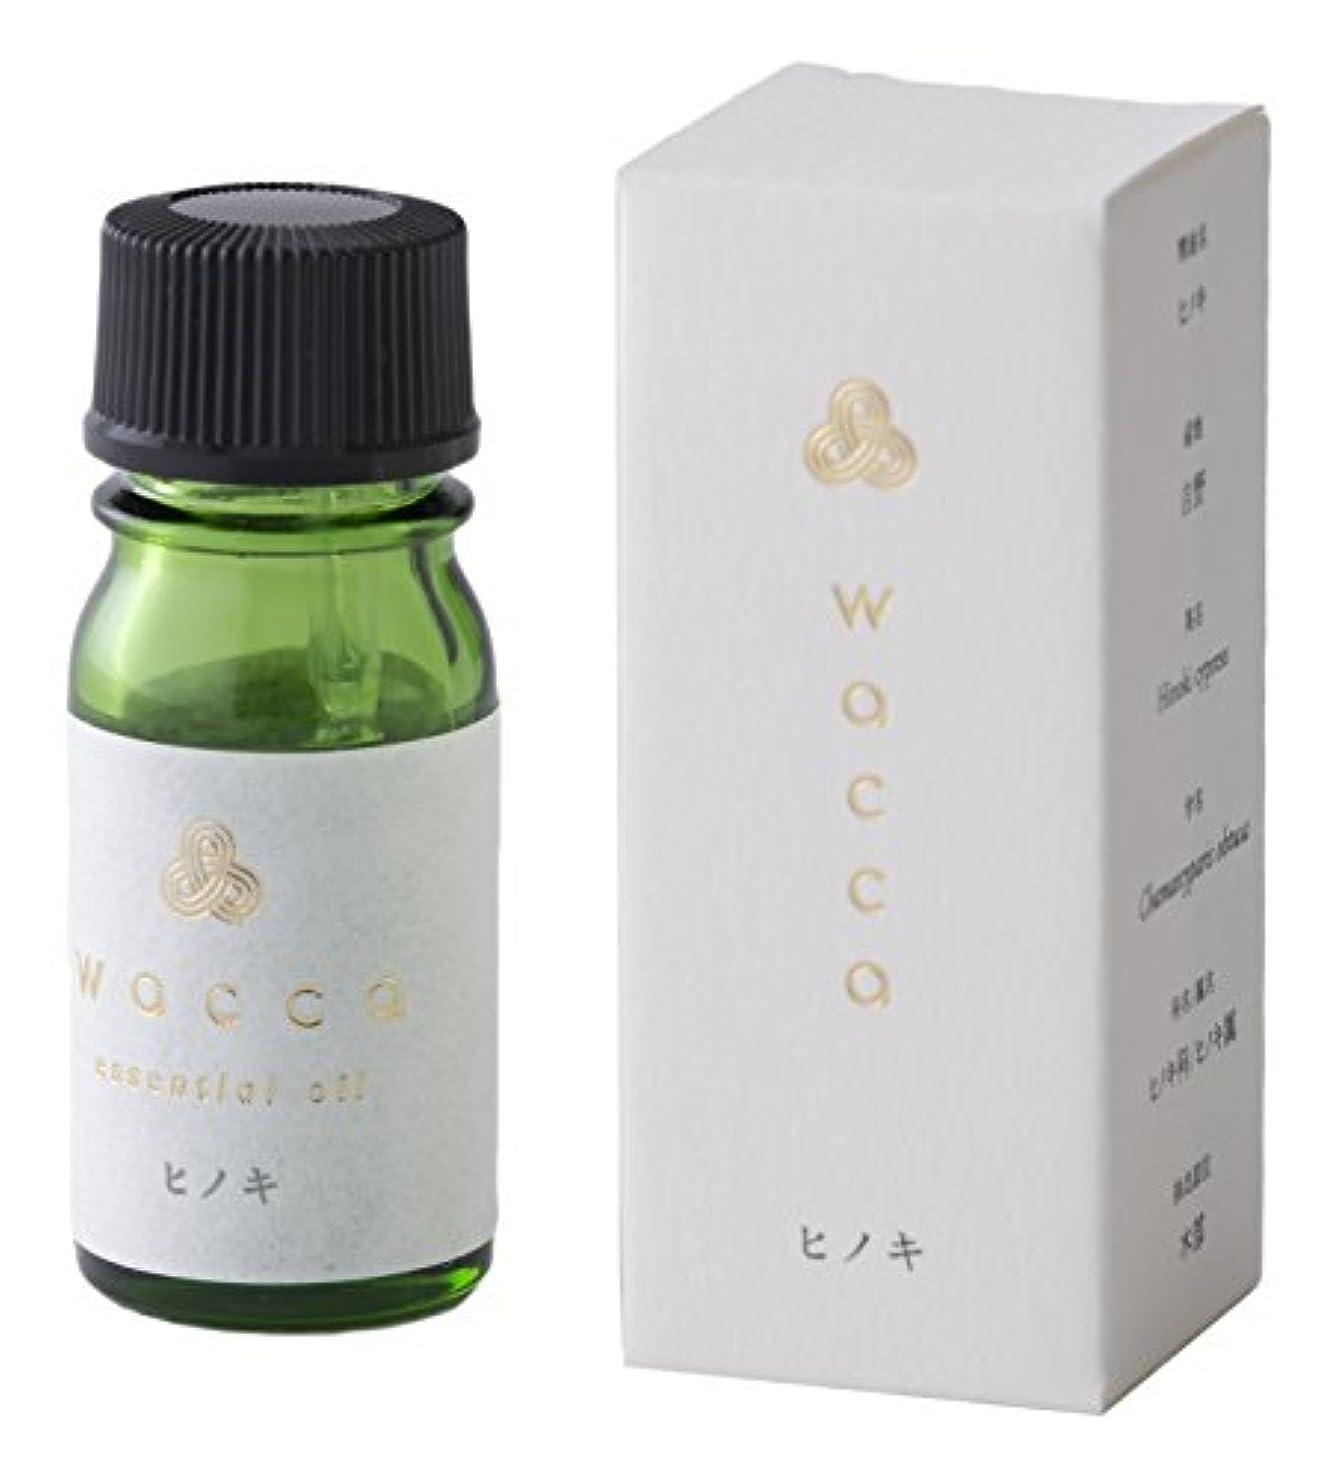 愛されし者調整アライメントwacca ワッカ エッセンシャルオイル 5ml 檜 ヒノキ Hinoki cypress essential oil 和精油 KUSU HANDMADE